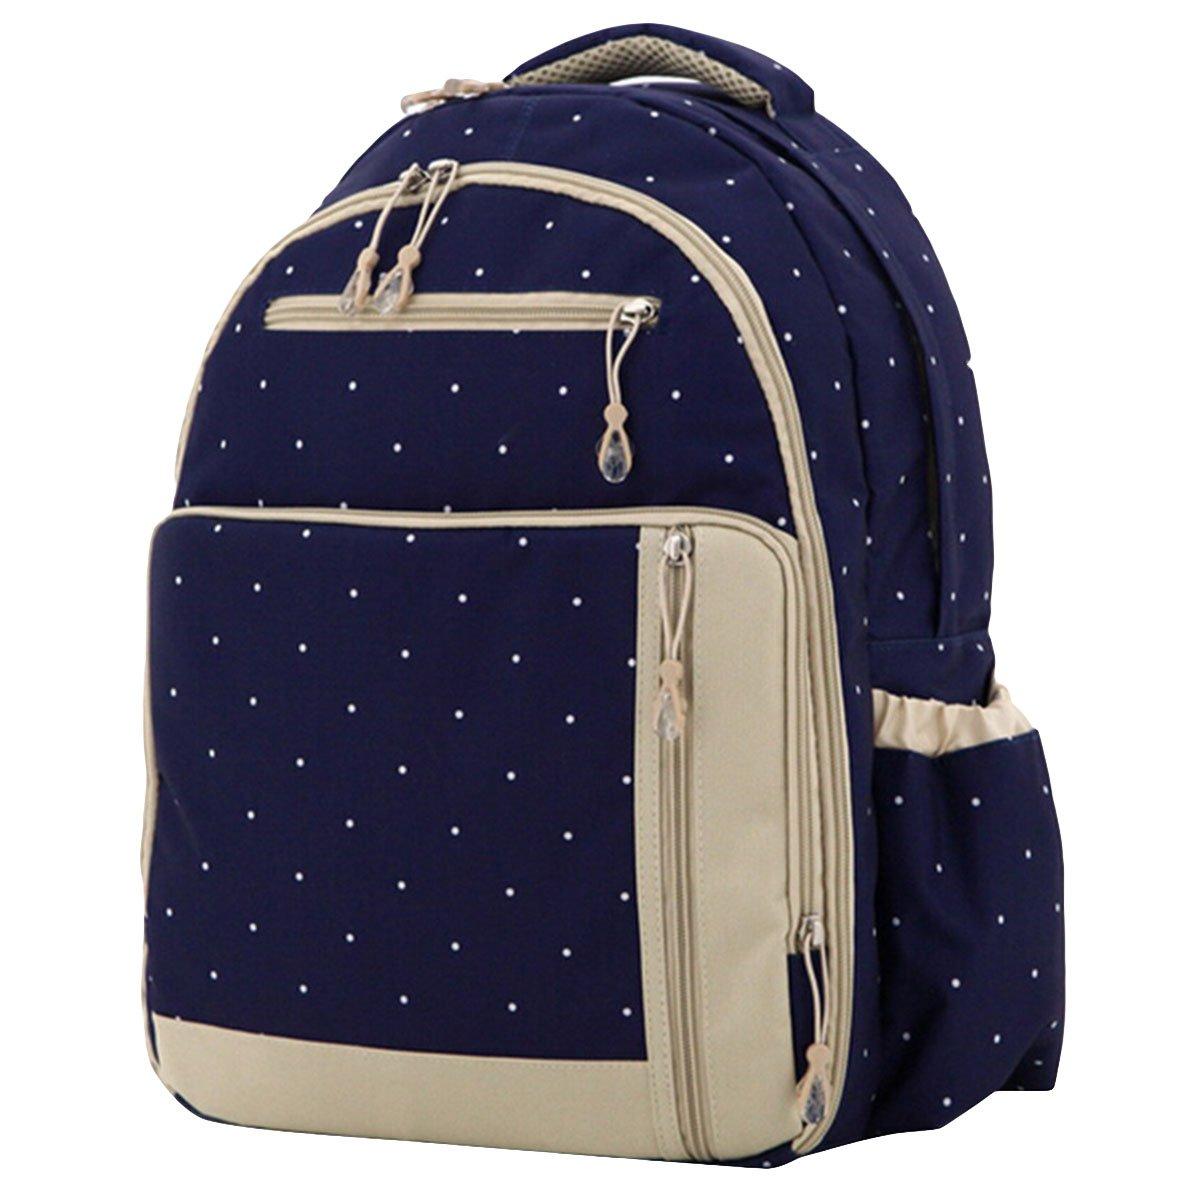 Aivtalk Bolso Maternal Mochila Multifunción Cambiador de Pañales Backpack para Carro Carrito de Bebé Biberón Botella Comida Viaje 30cm(L) x 19cm(W) x ...